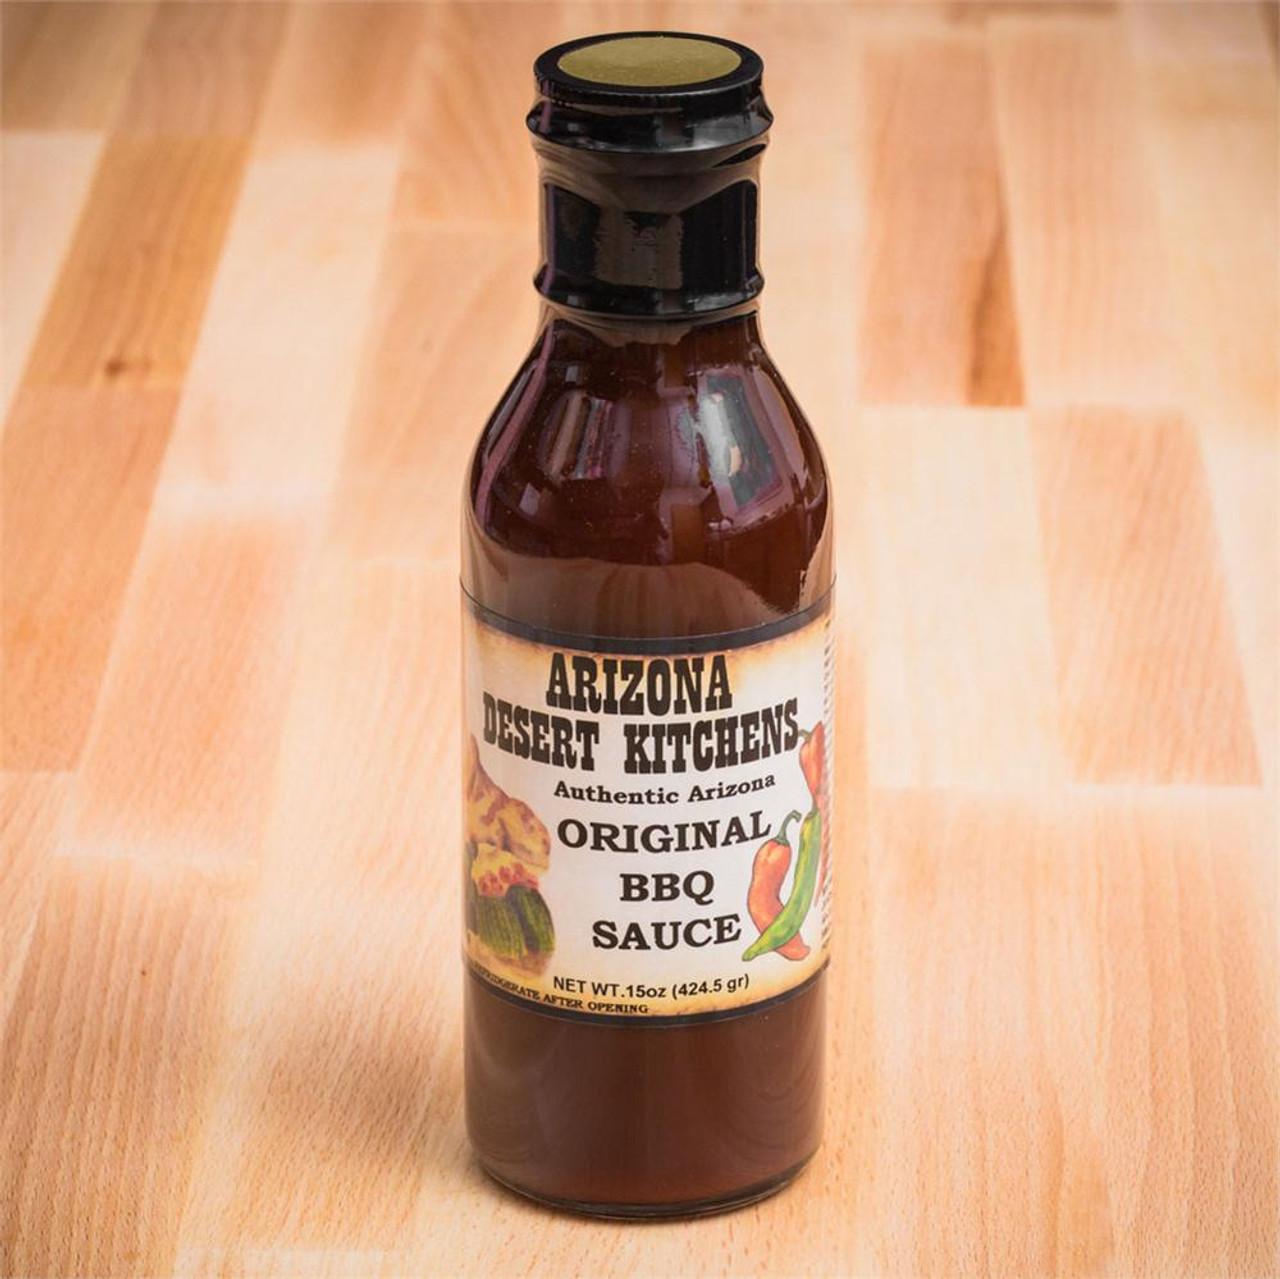 Original BBQ Sauce 15oz